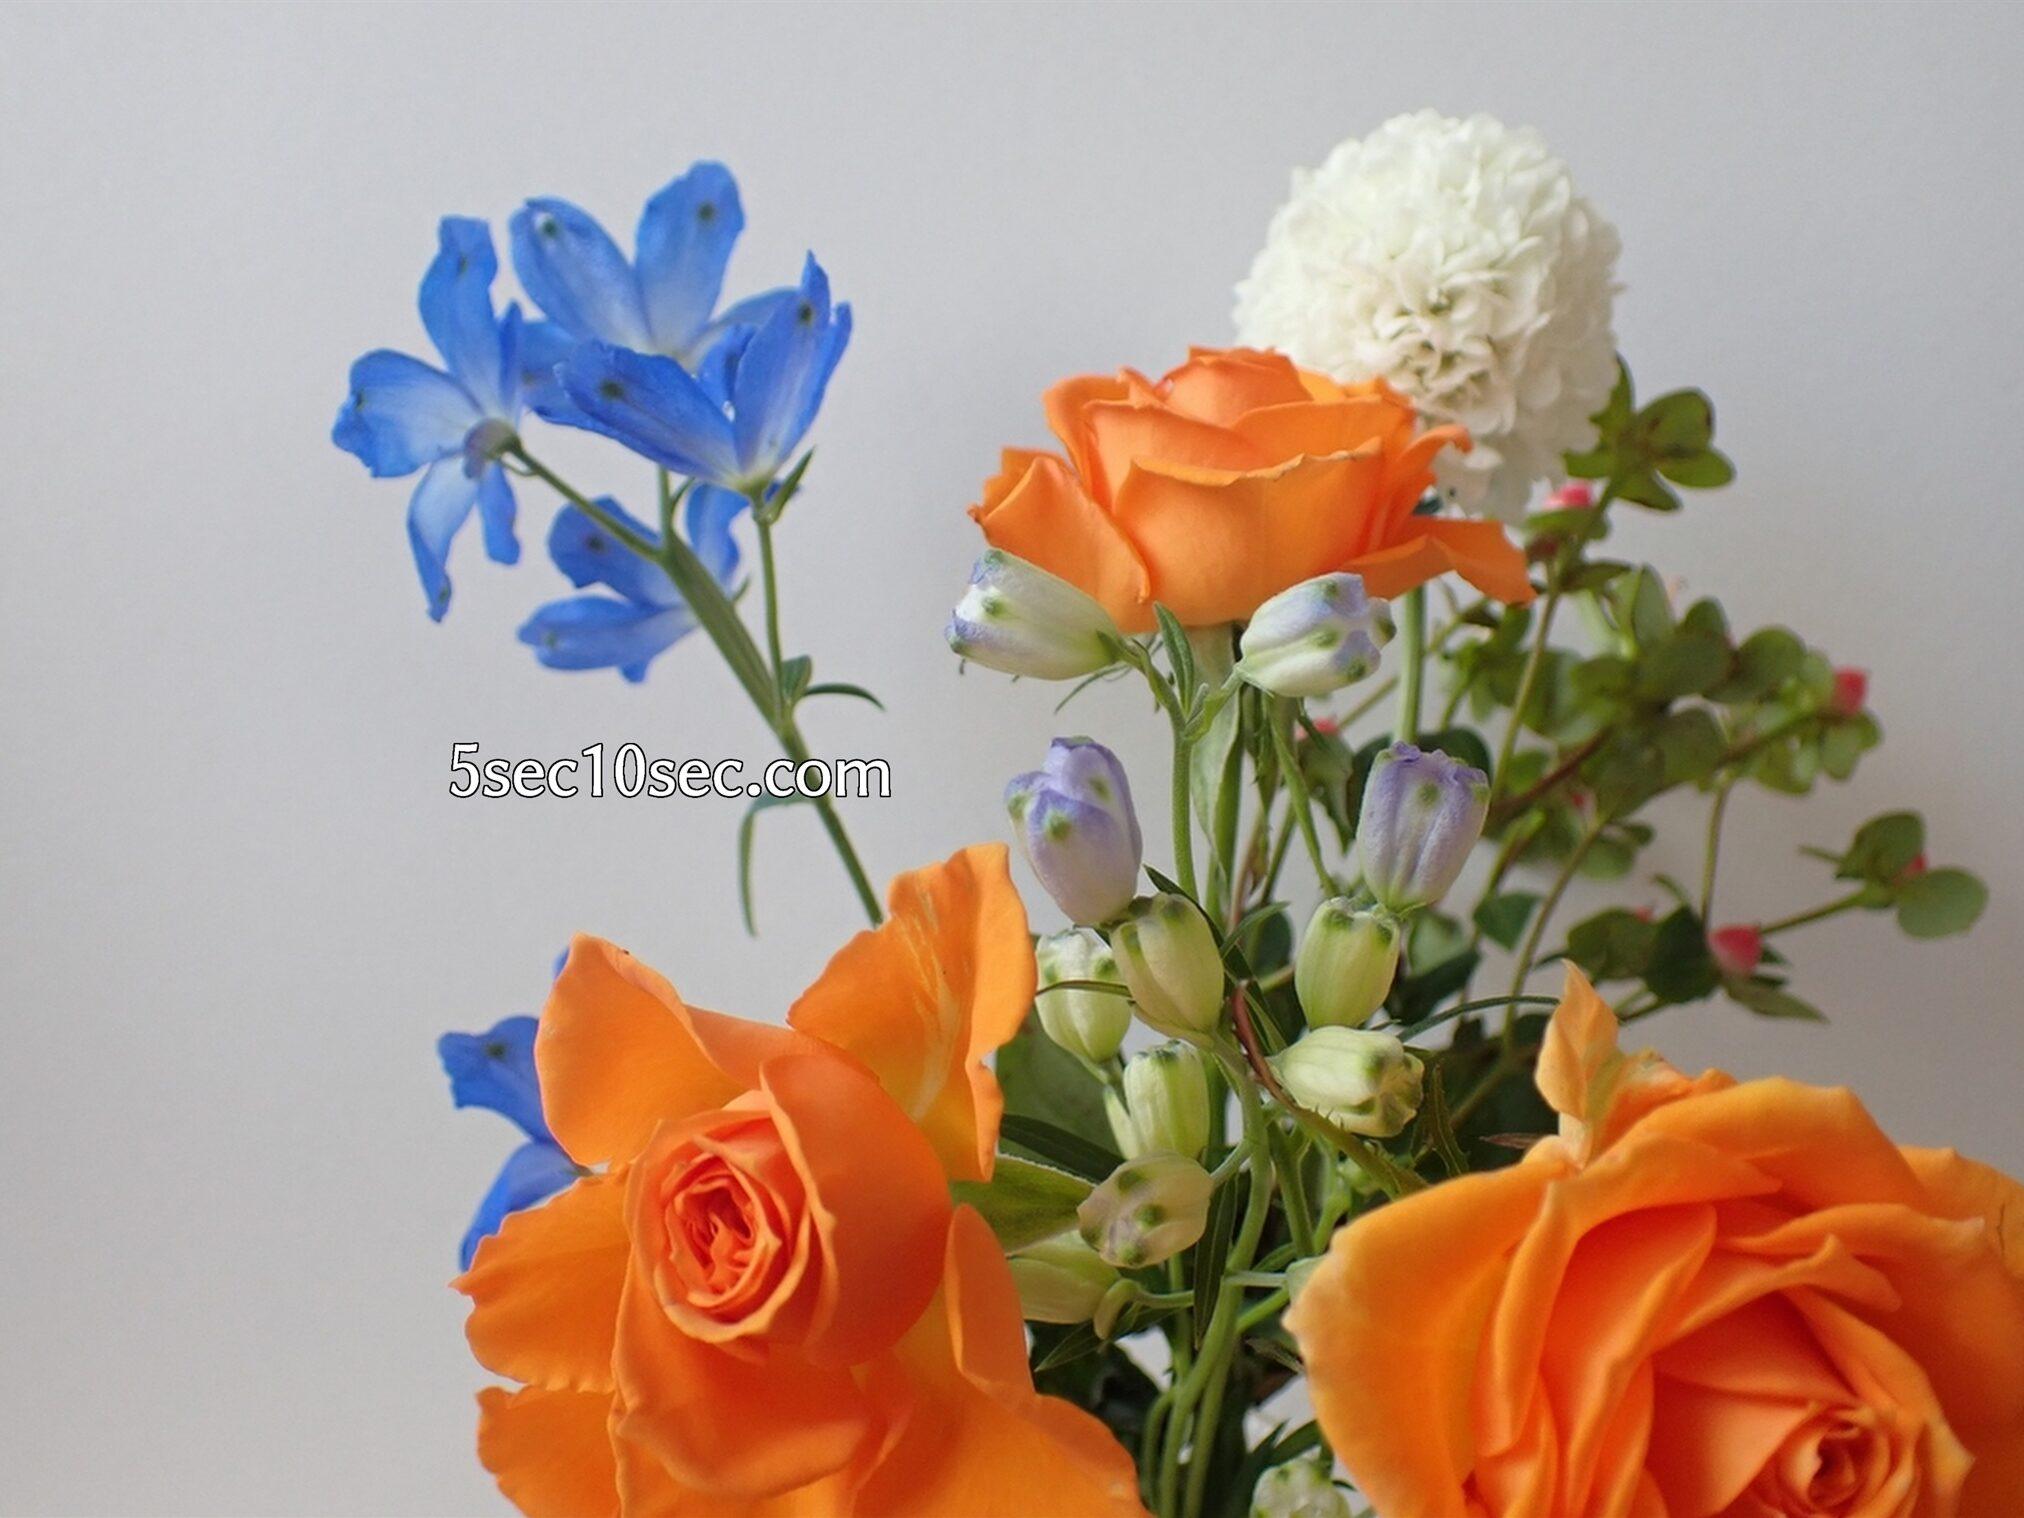 E(ブルーミーライフ)レギュラープラン 今週のお花 届いてから9日目の写真 スプレーデルフィニウムの変化が楽しい